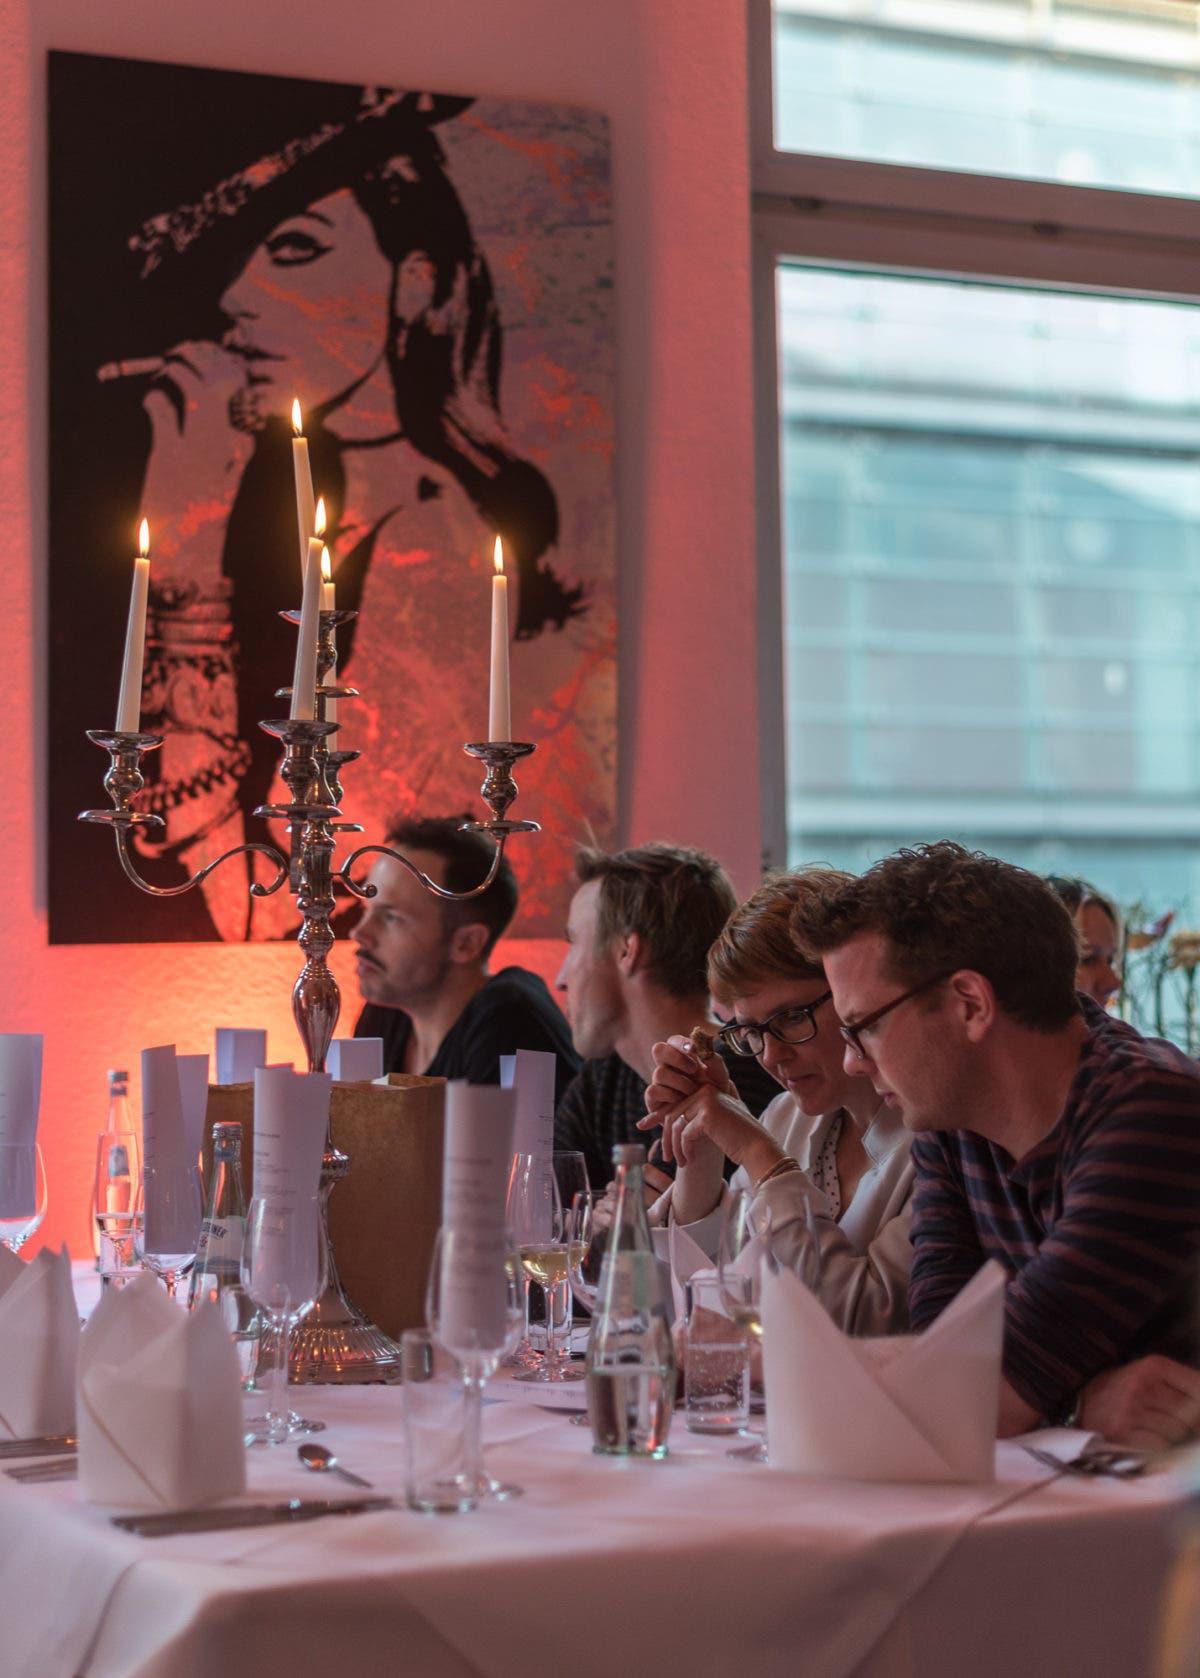 Personen sitzen am gedeckten Tisch mit großem Kerzenständer.